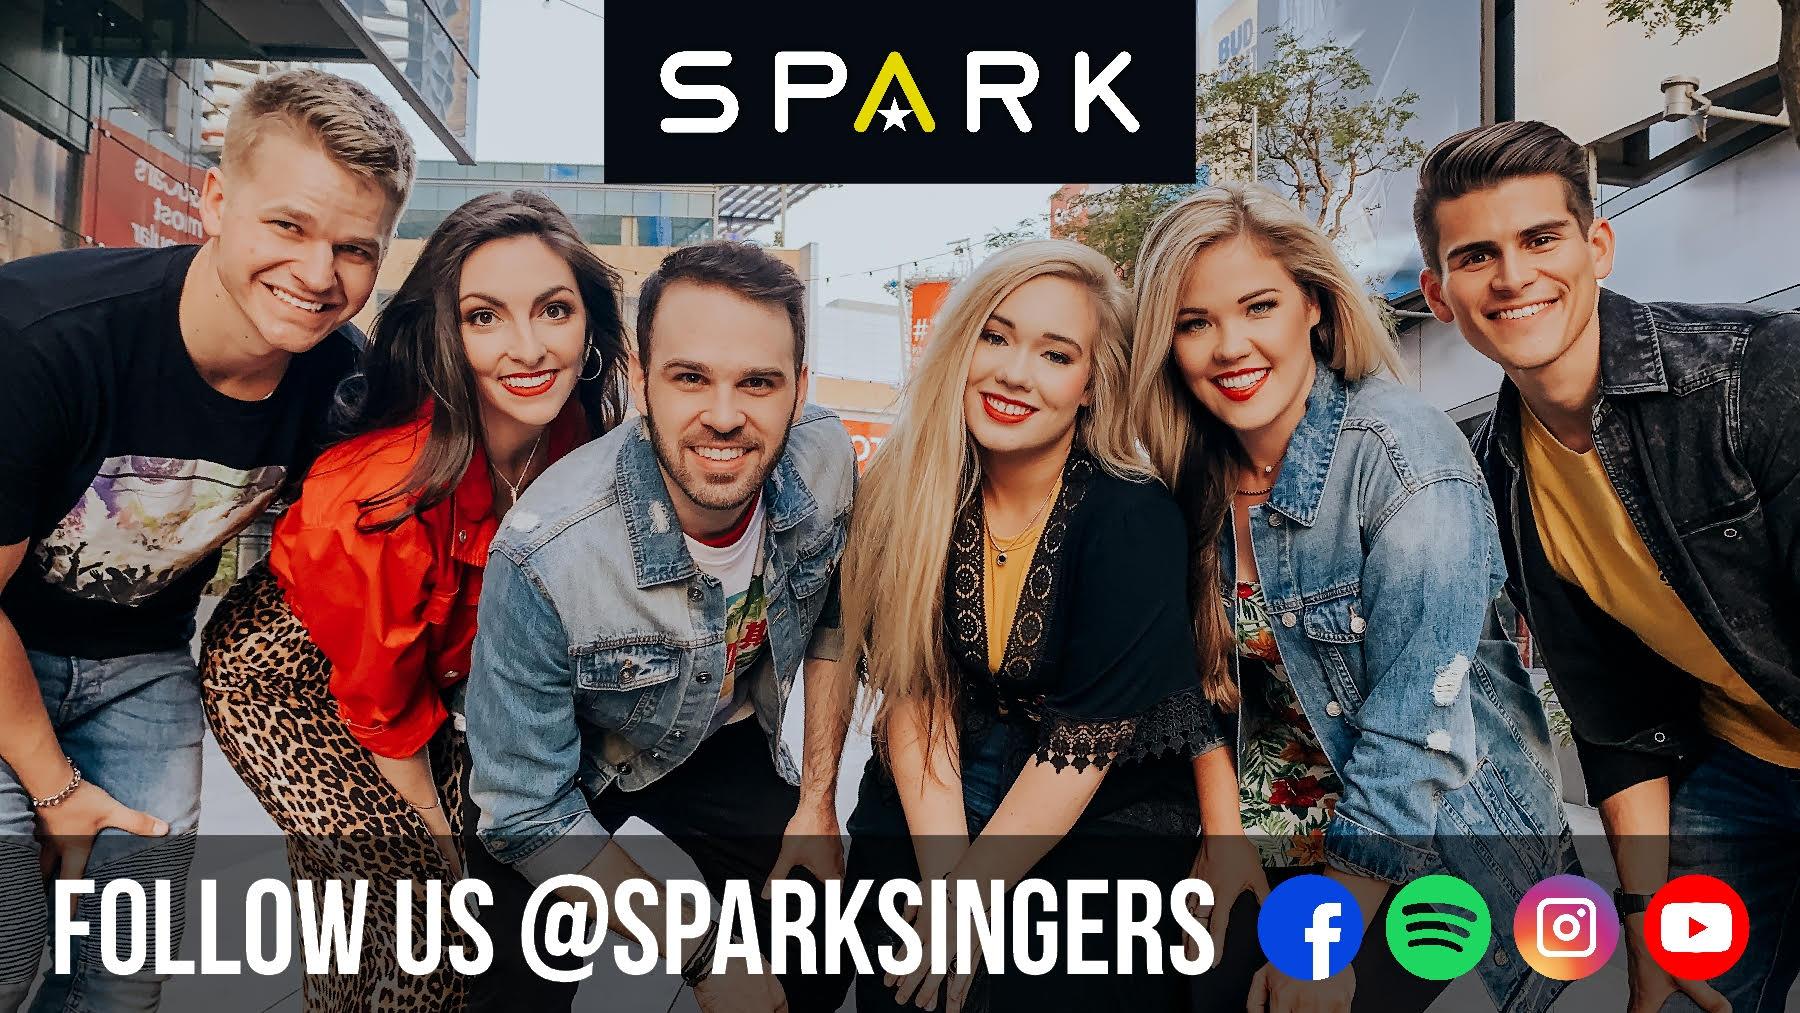 Follow Spark